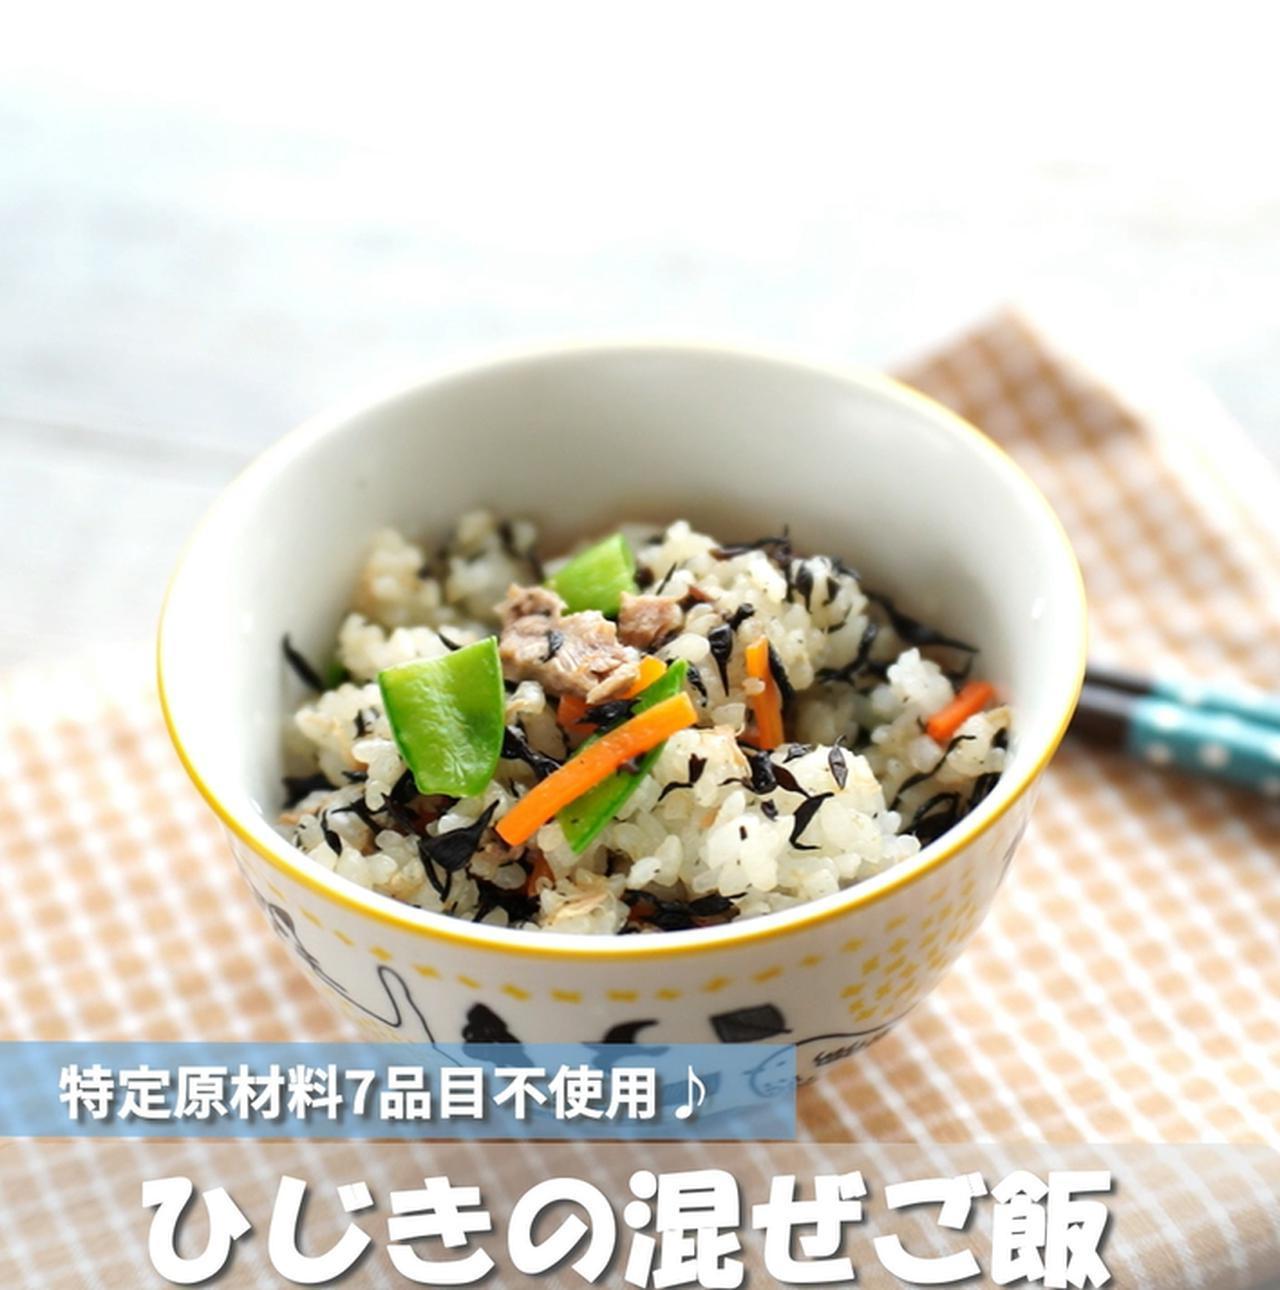 画像: 栄養たっぷりひじきの混ぜご飯 - 君とごはん